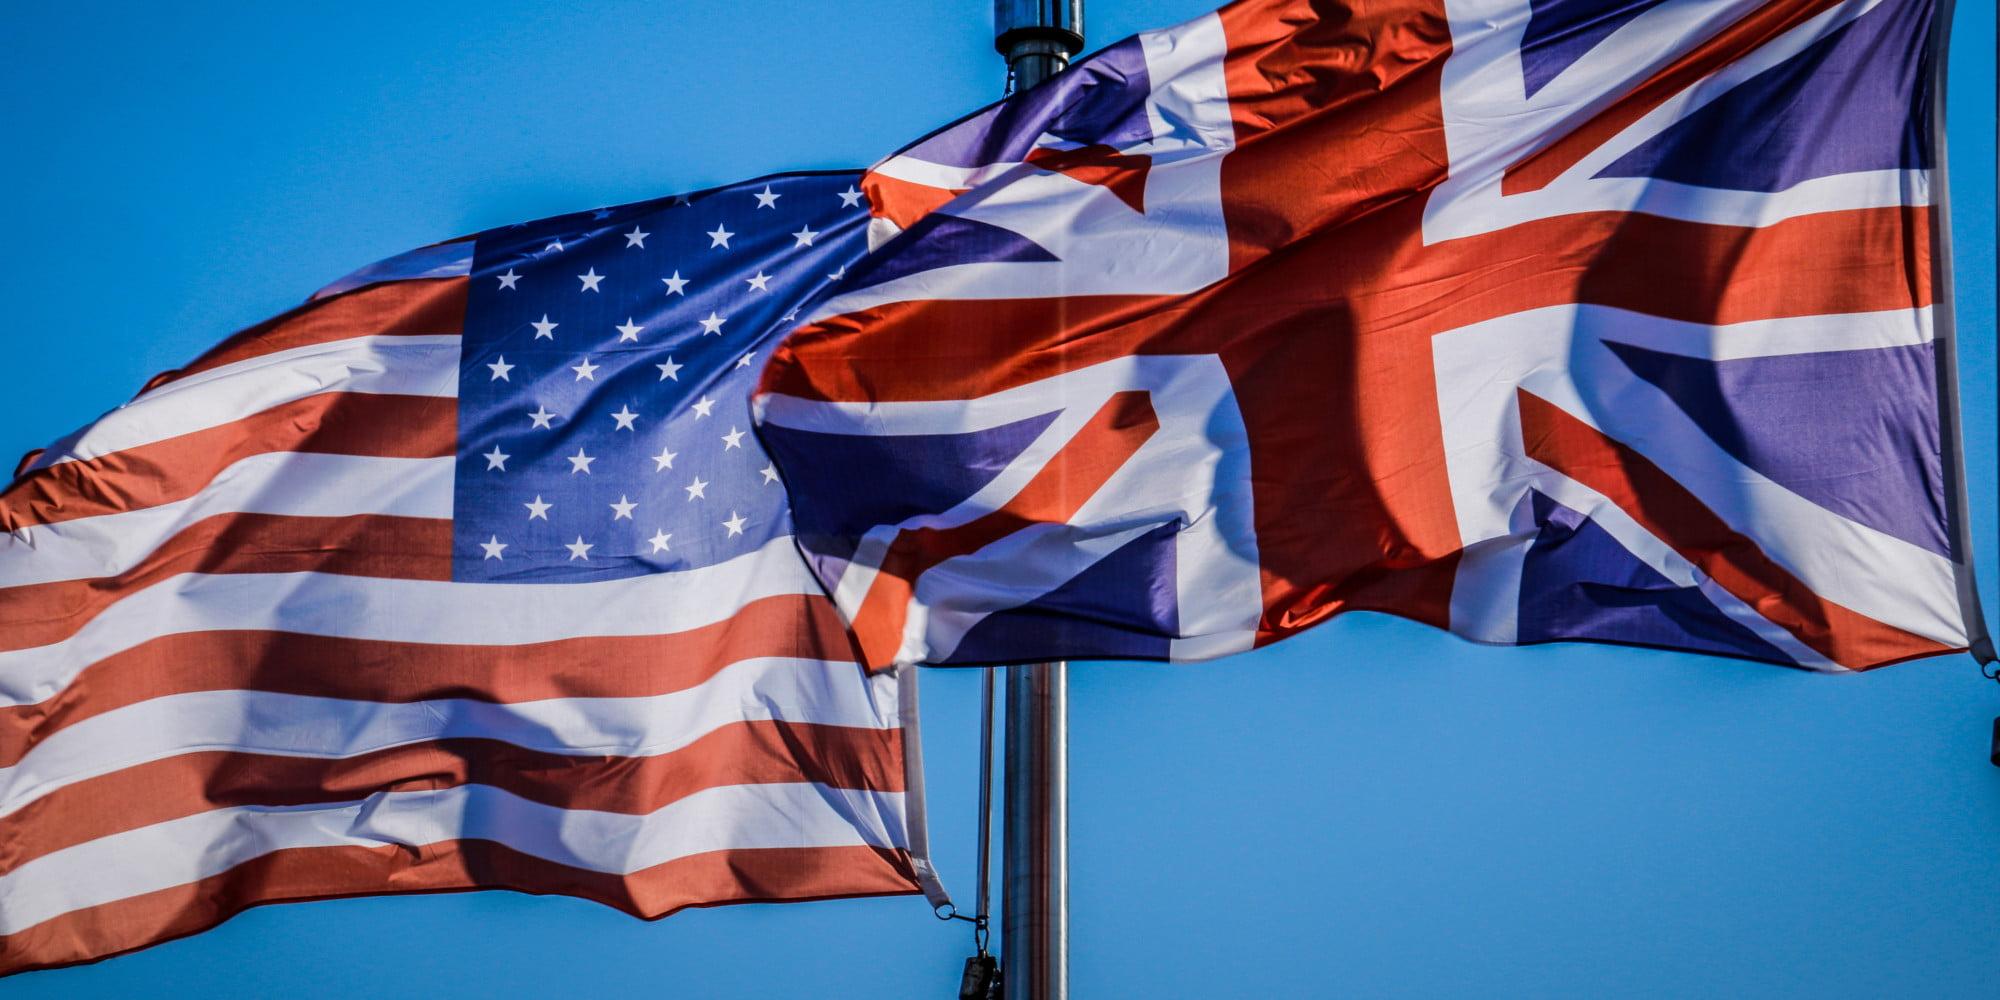 صورة تلتقط المتطلبات المختلفة لدخول جامعات المملكة المتحدة والولايات المتحدة